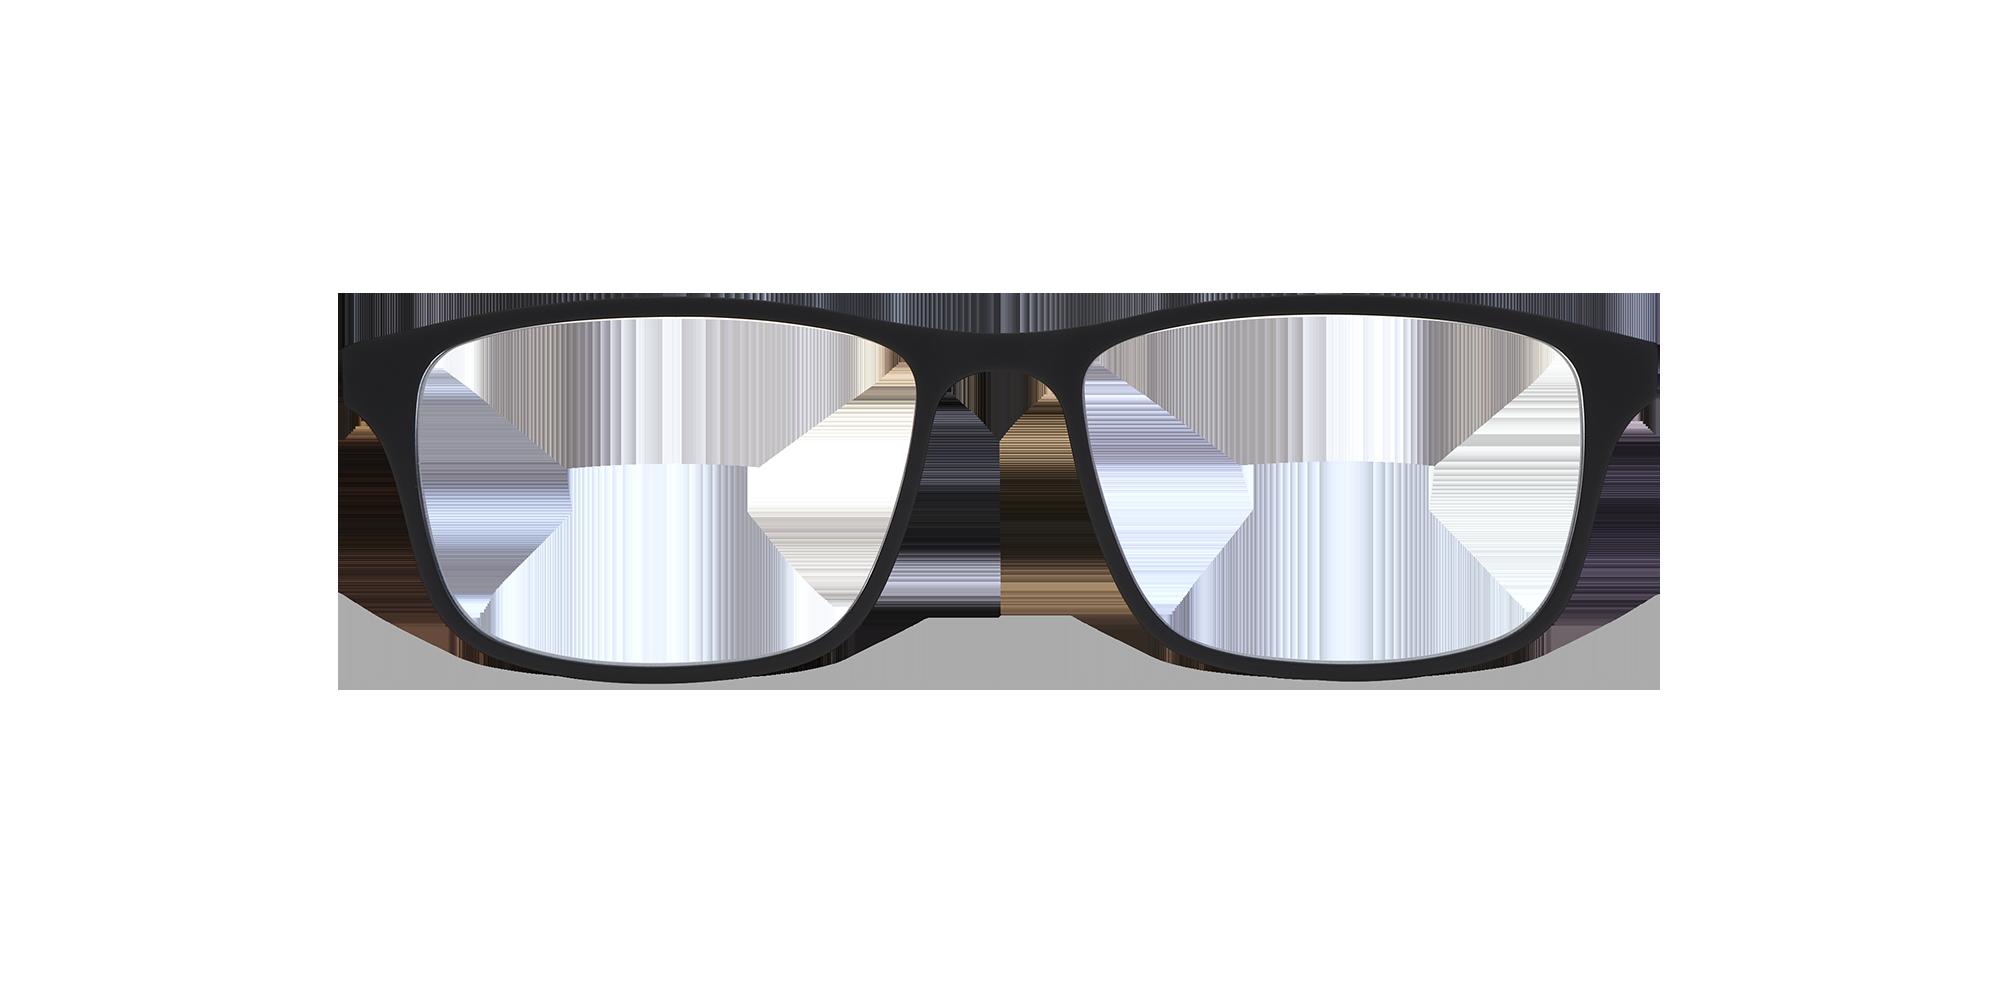 afflelou/france/products/smart_clip/clips_glasses/TMK41N2BK015416.png